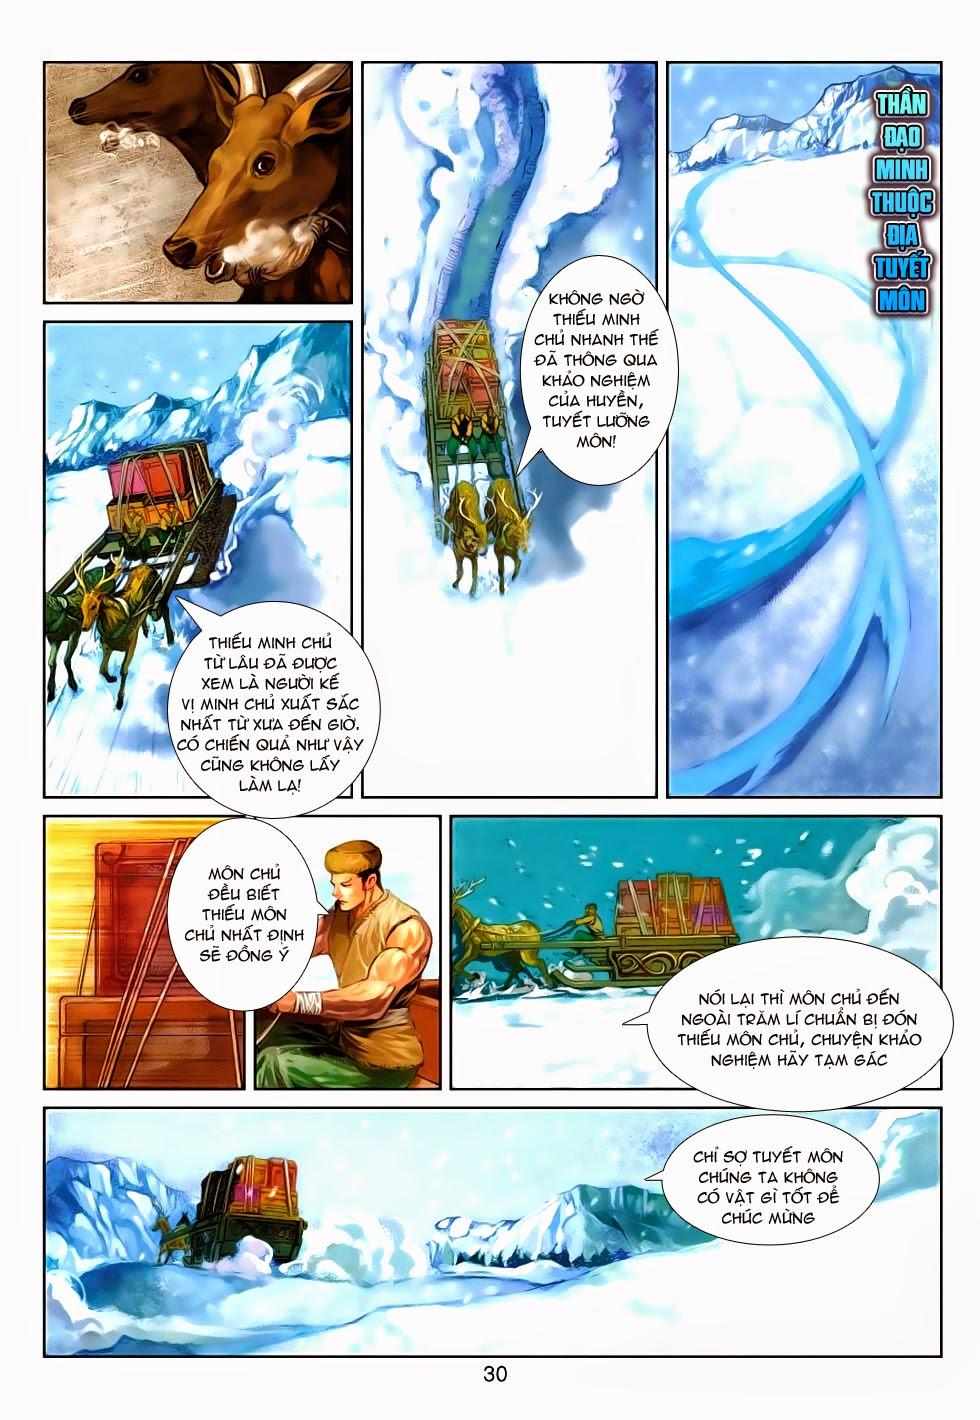 Thần Binh Tiền Truyện 4 - Huyền Thiên Tà Đế chap 5 - Trang 30